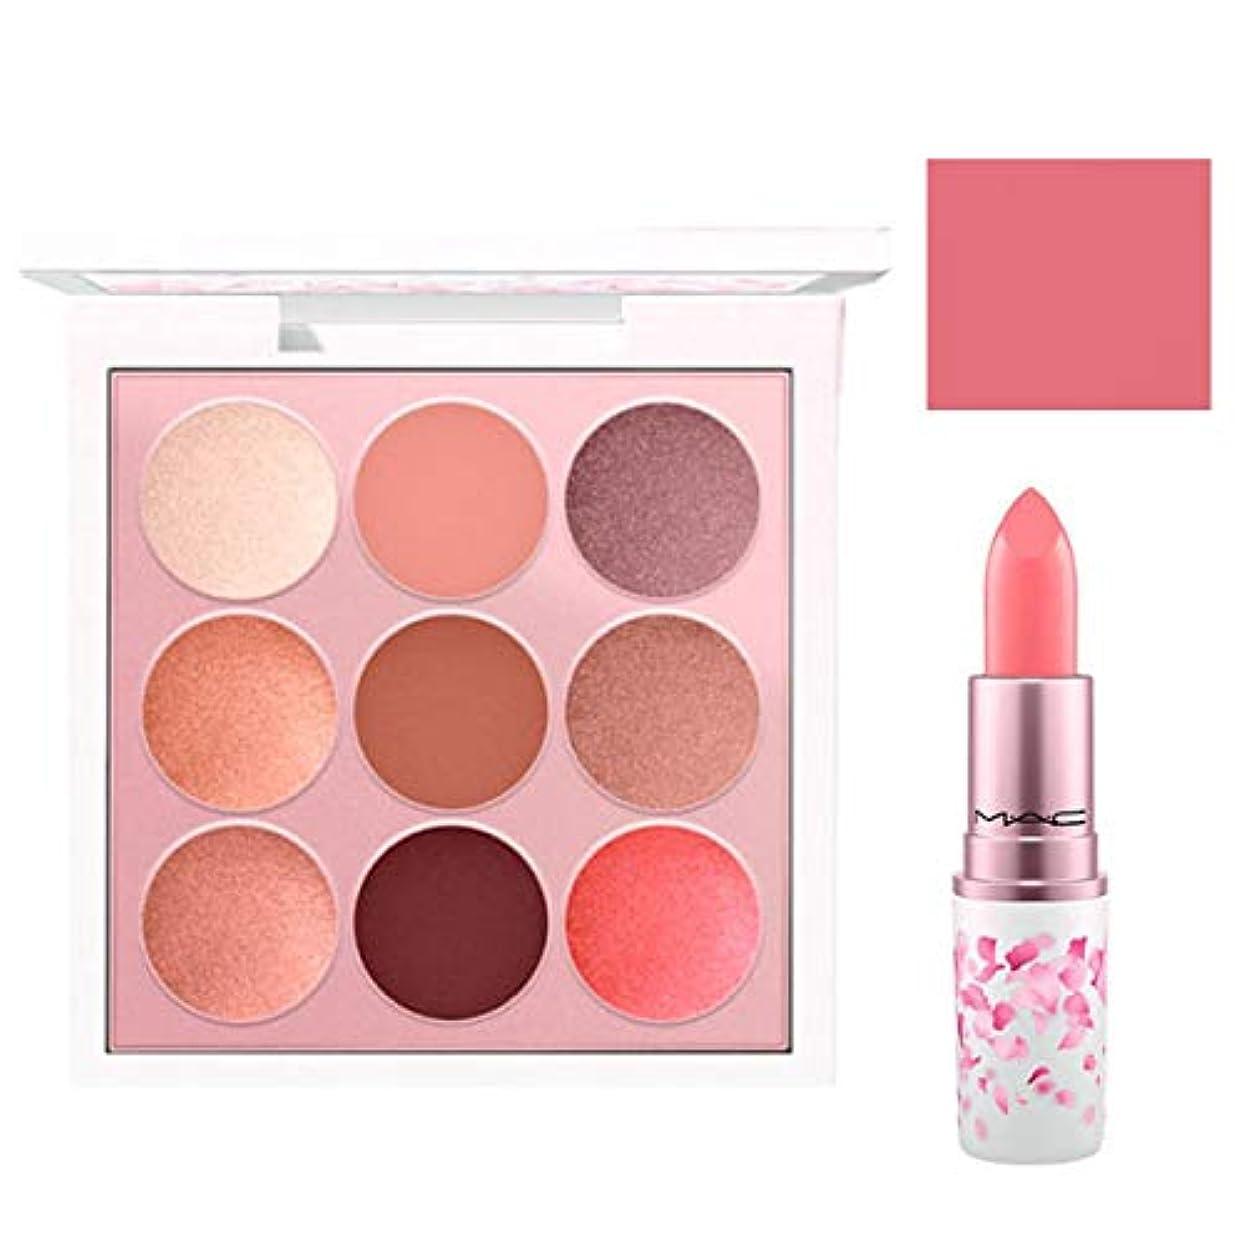 語金銭的する必要があるM.A.C 限定版, Boom, Boom, Bloom EyeShadow & Lipstick (Kabuki Doll Palette & Hi-Fructease) [海外直送品] [並行輸入品]